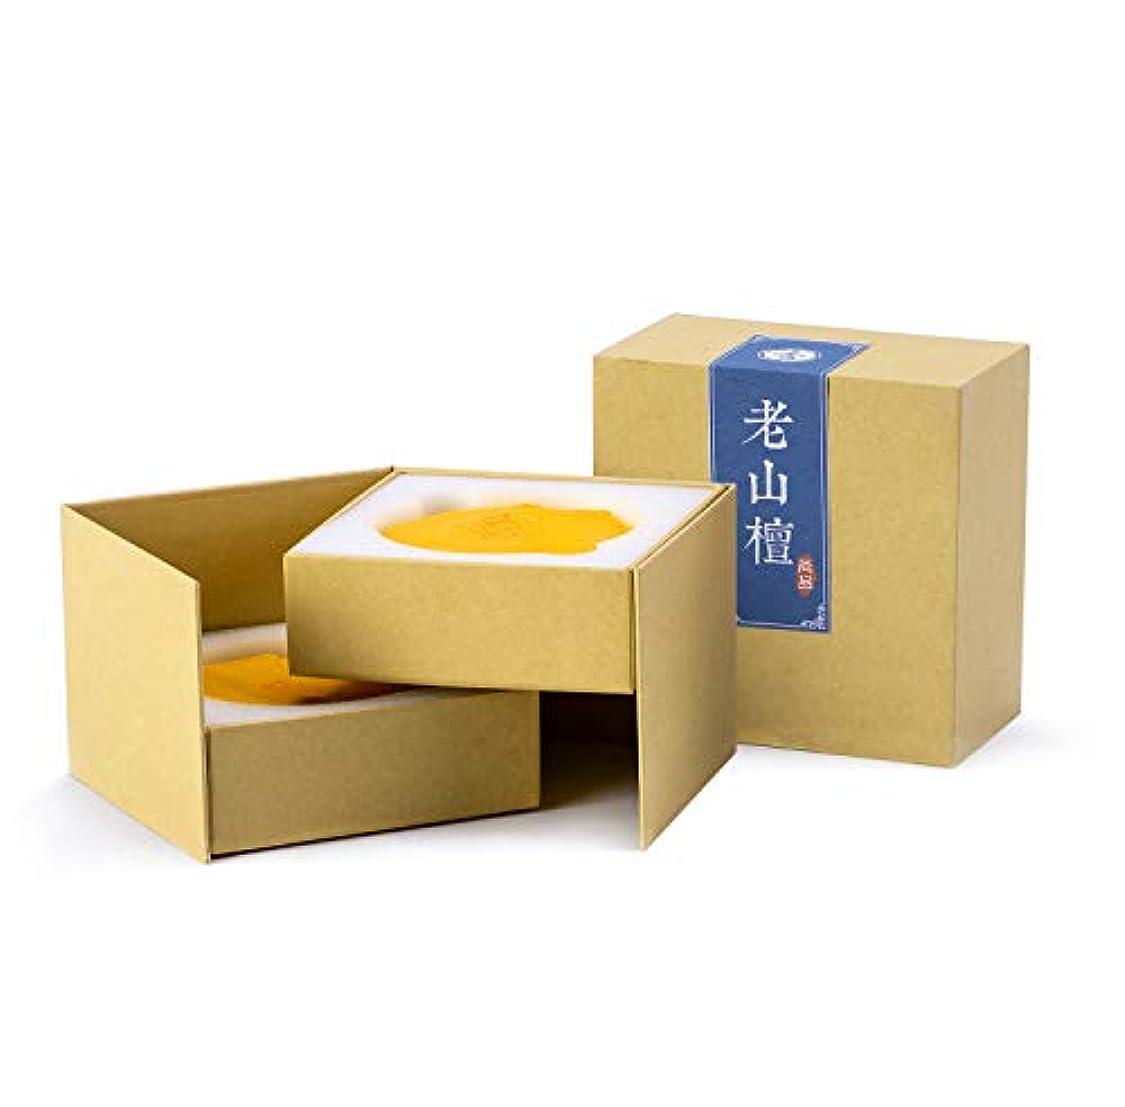 達成するウミウシドナーHwagui お香 上級 渦巻き線香 白檀 瀋香 ヨモギ 優しい香り 2時間 40巻入